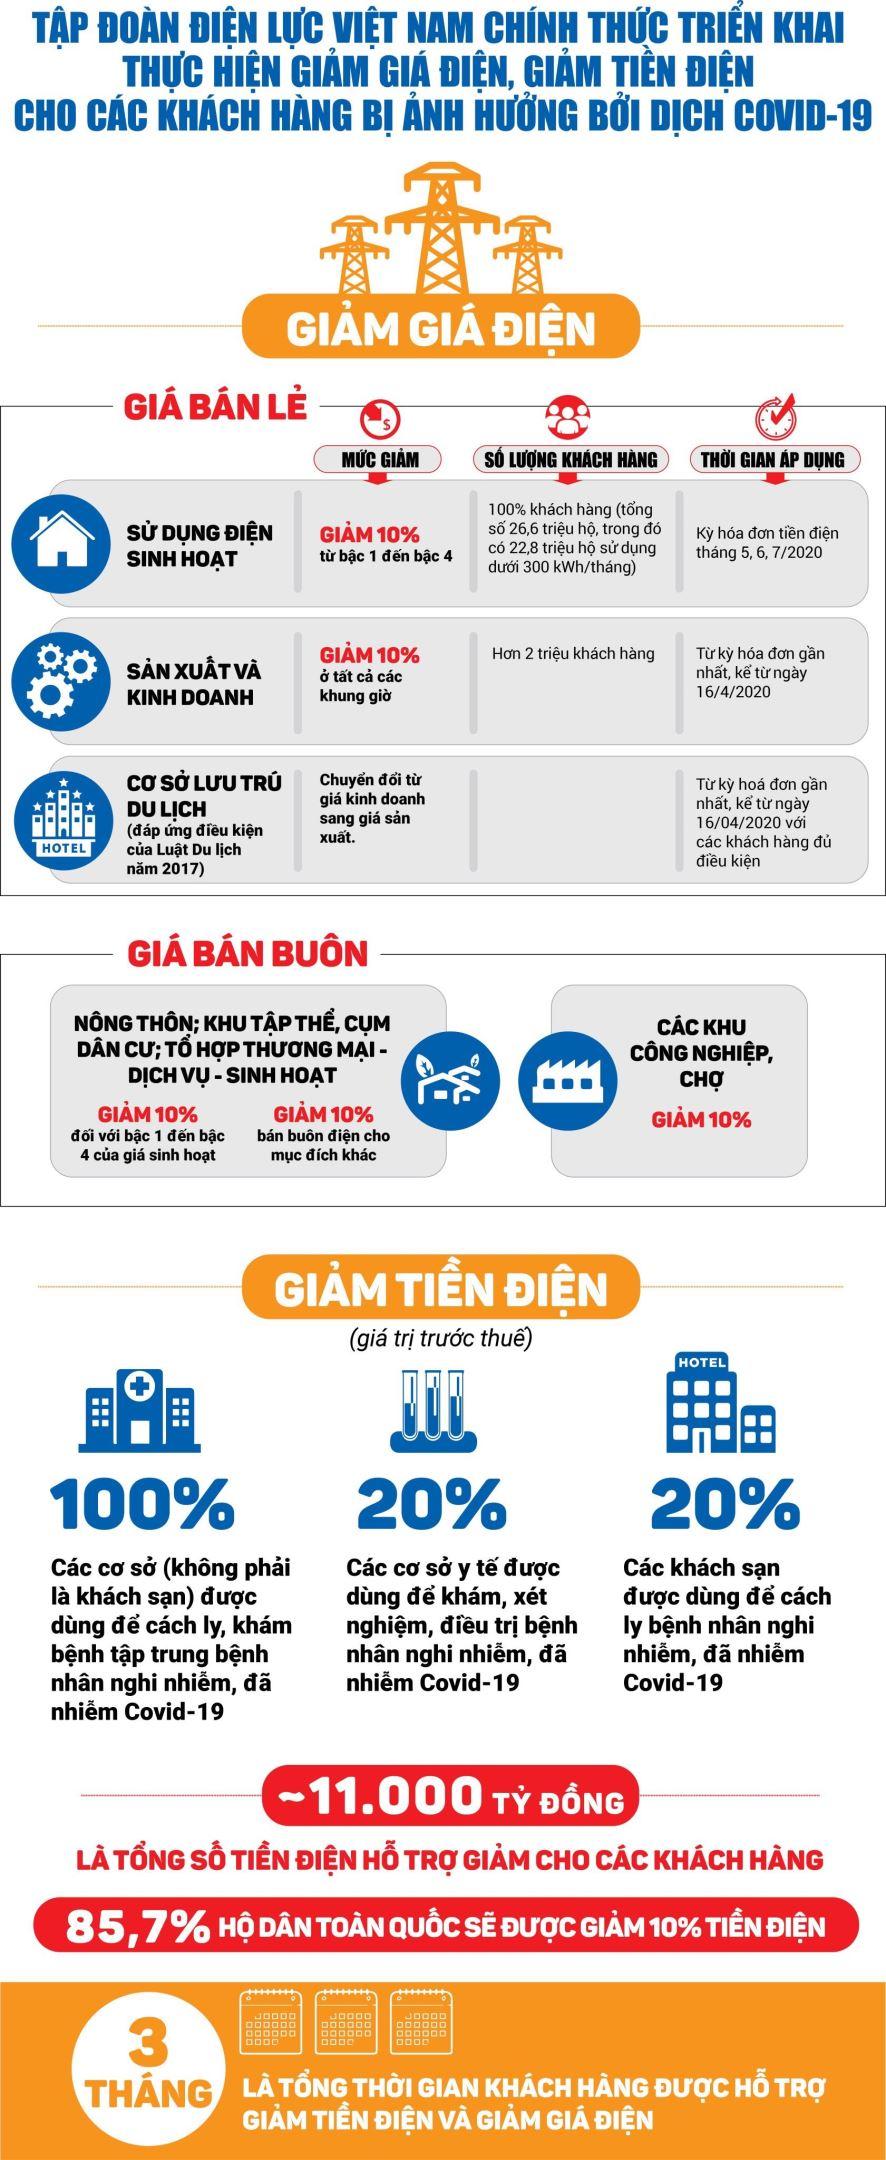 infographic-evn-chinh-thuc-trien-khai-thuc-hien-giam-gia-dien-giam-tien-dien-cho-cac-khach-hang-bi-anh-huong-boi-dich-covid-19